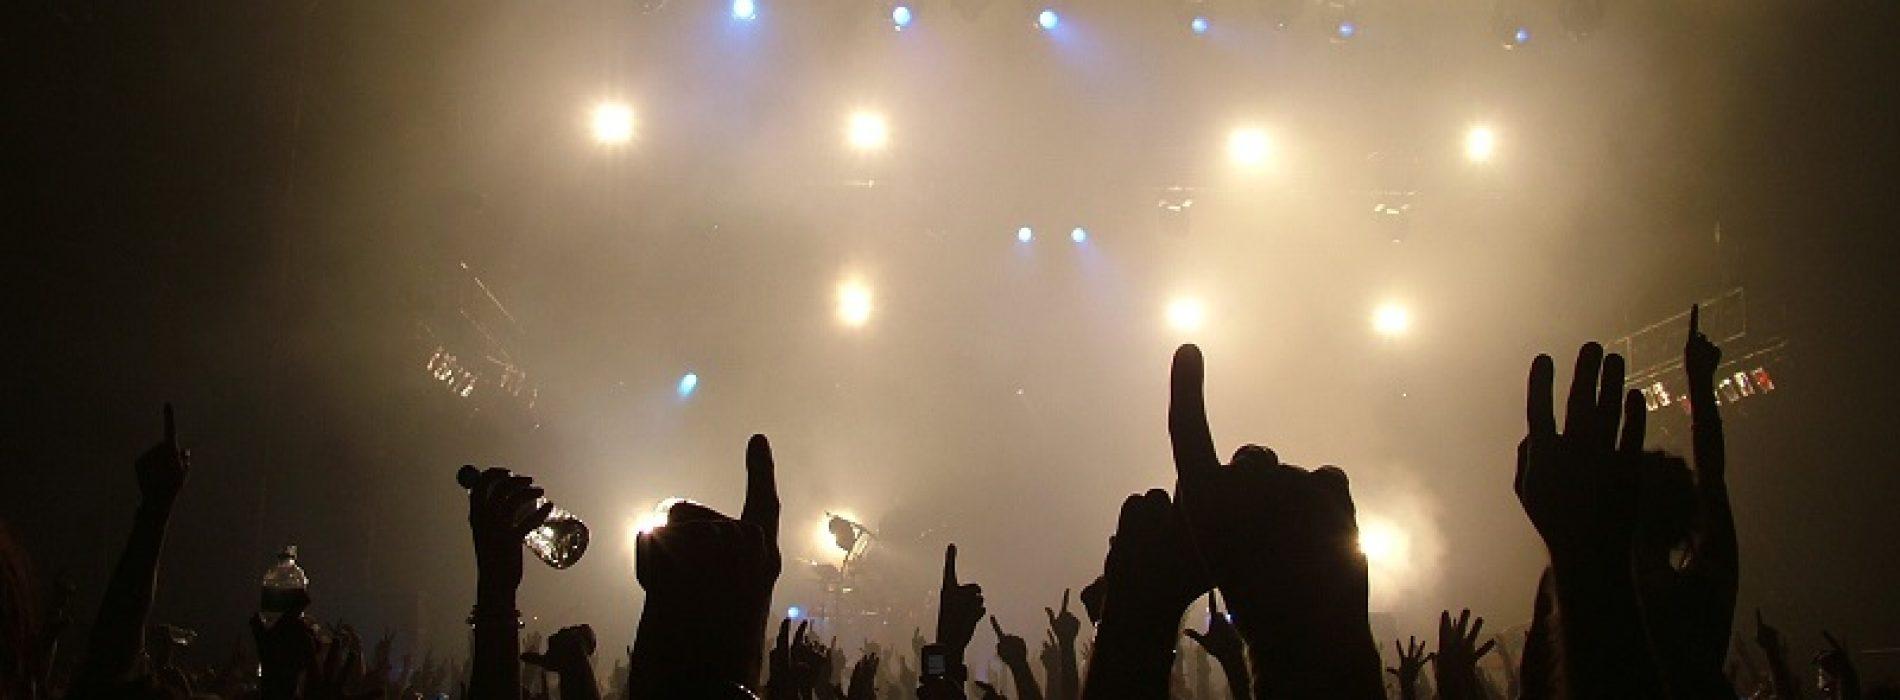 Noiembrie = petrecere! Artiștii vor umple sălile de concerte din toată țara